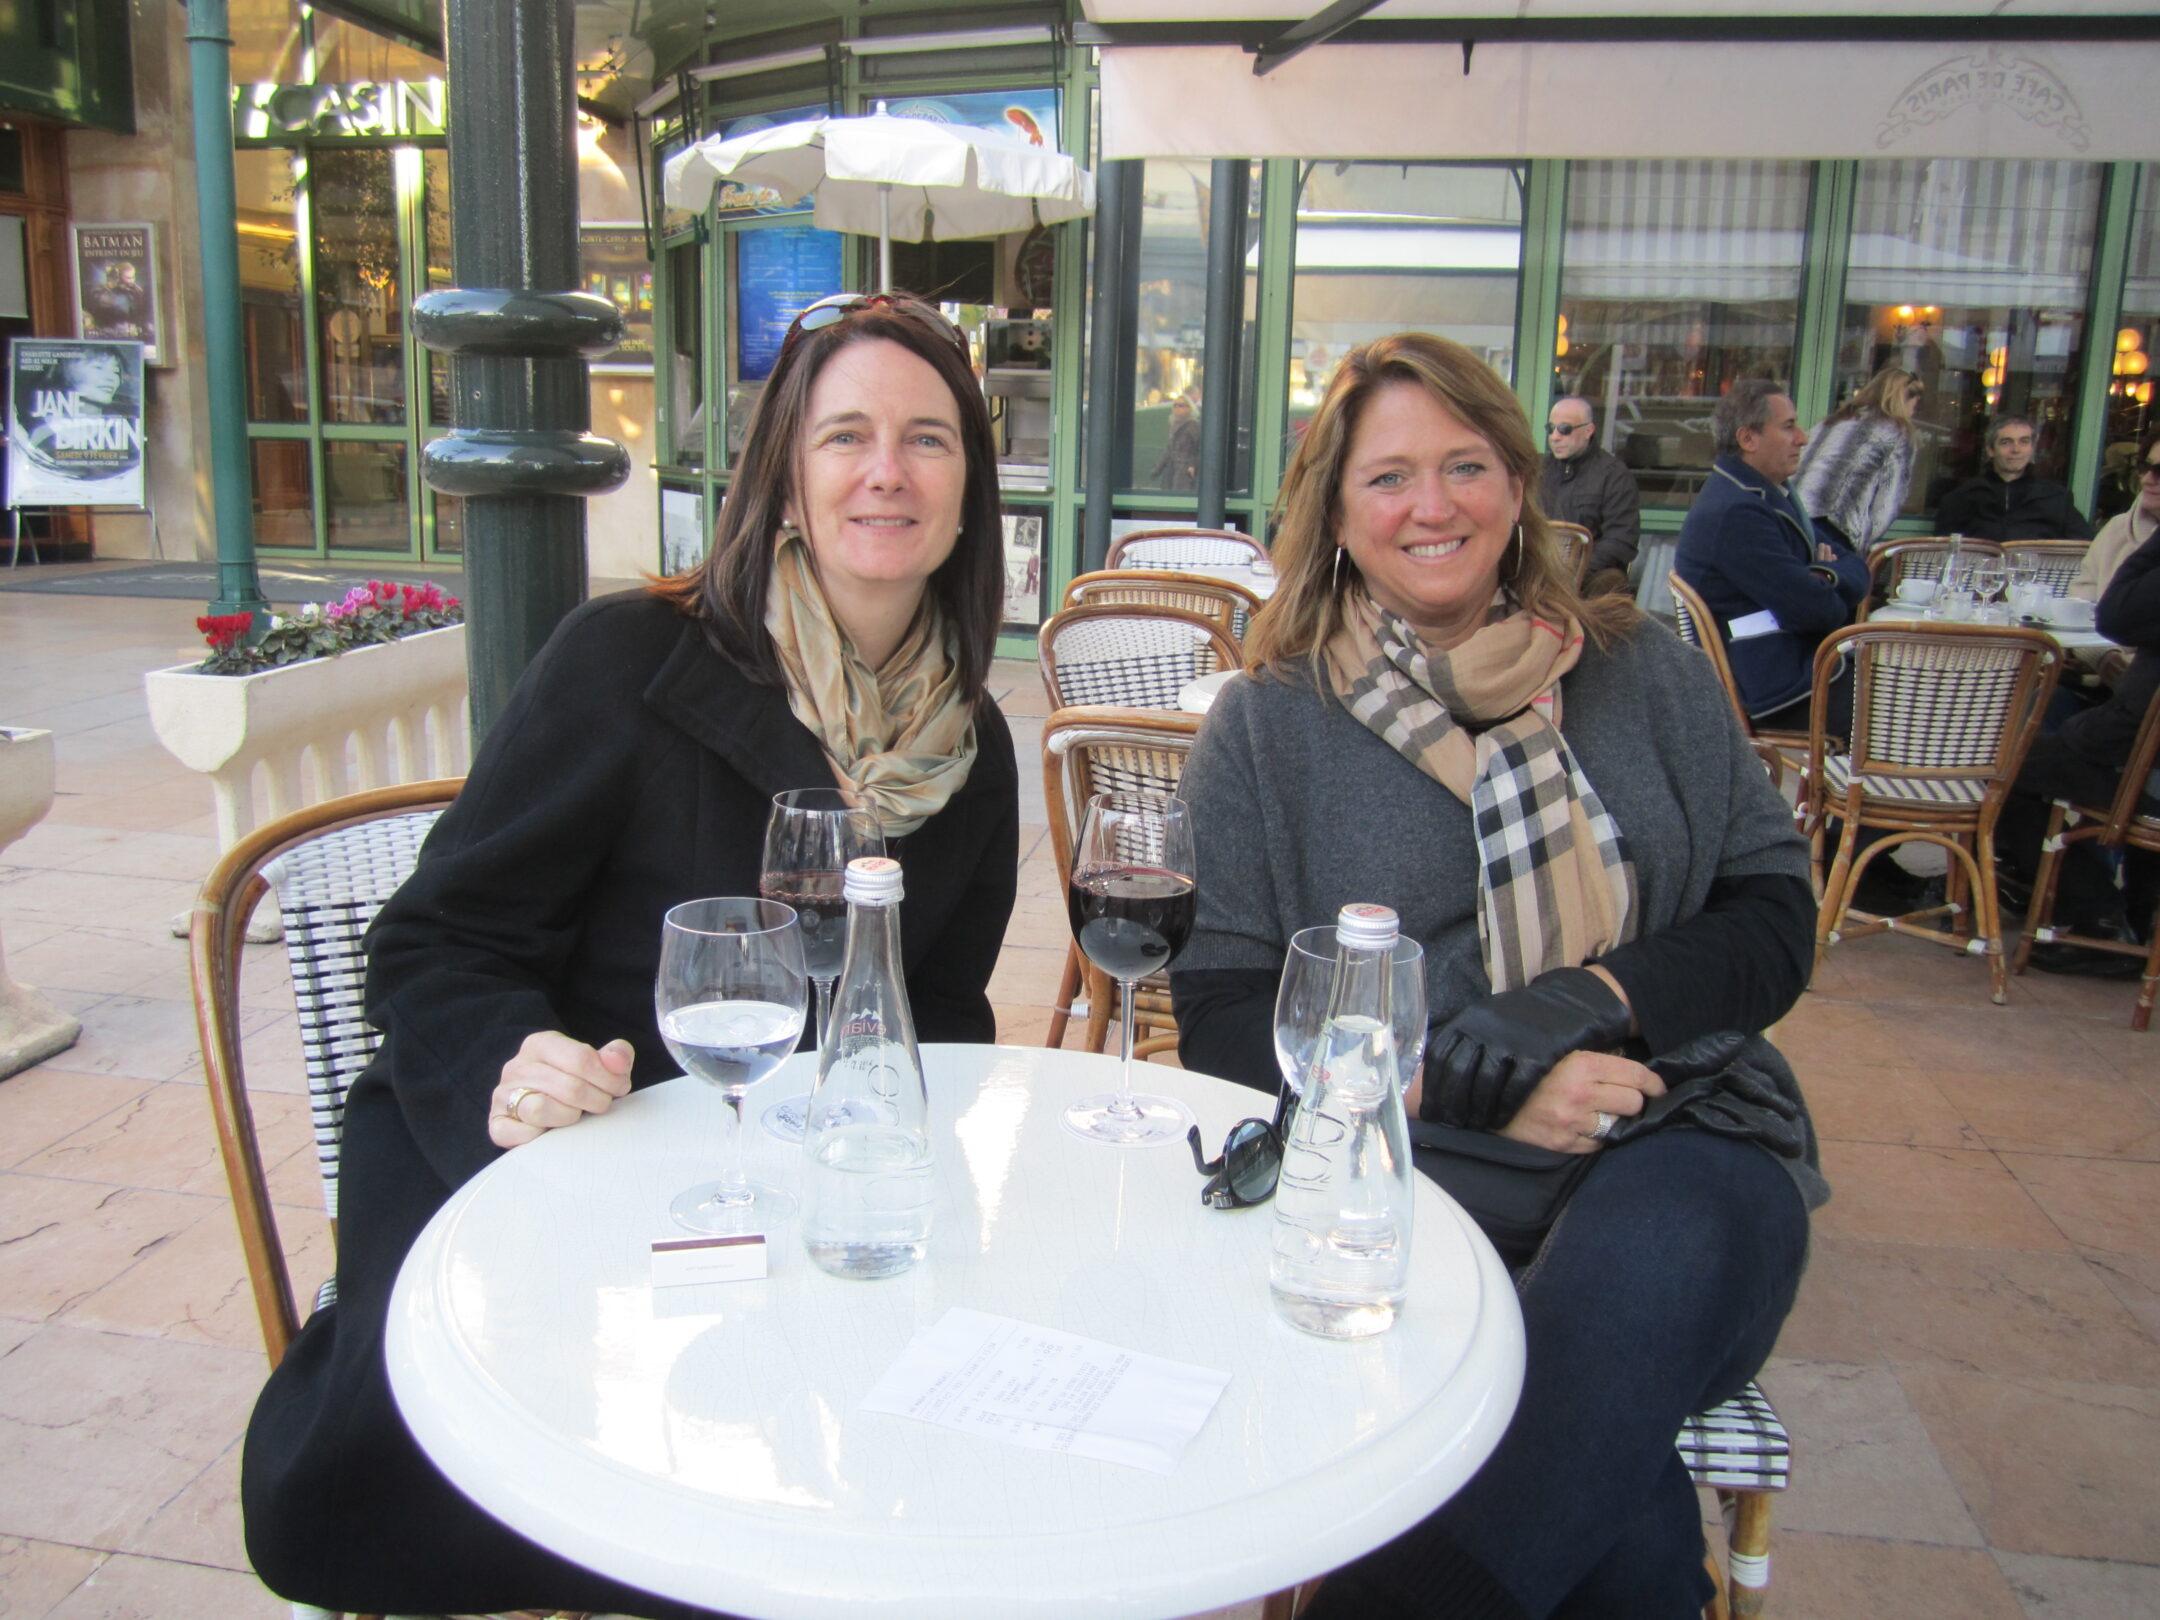 Cafe de Paris monte carlo